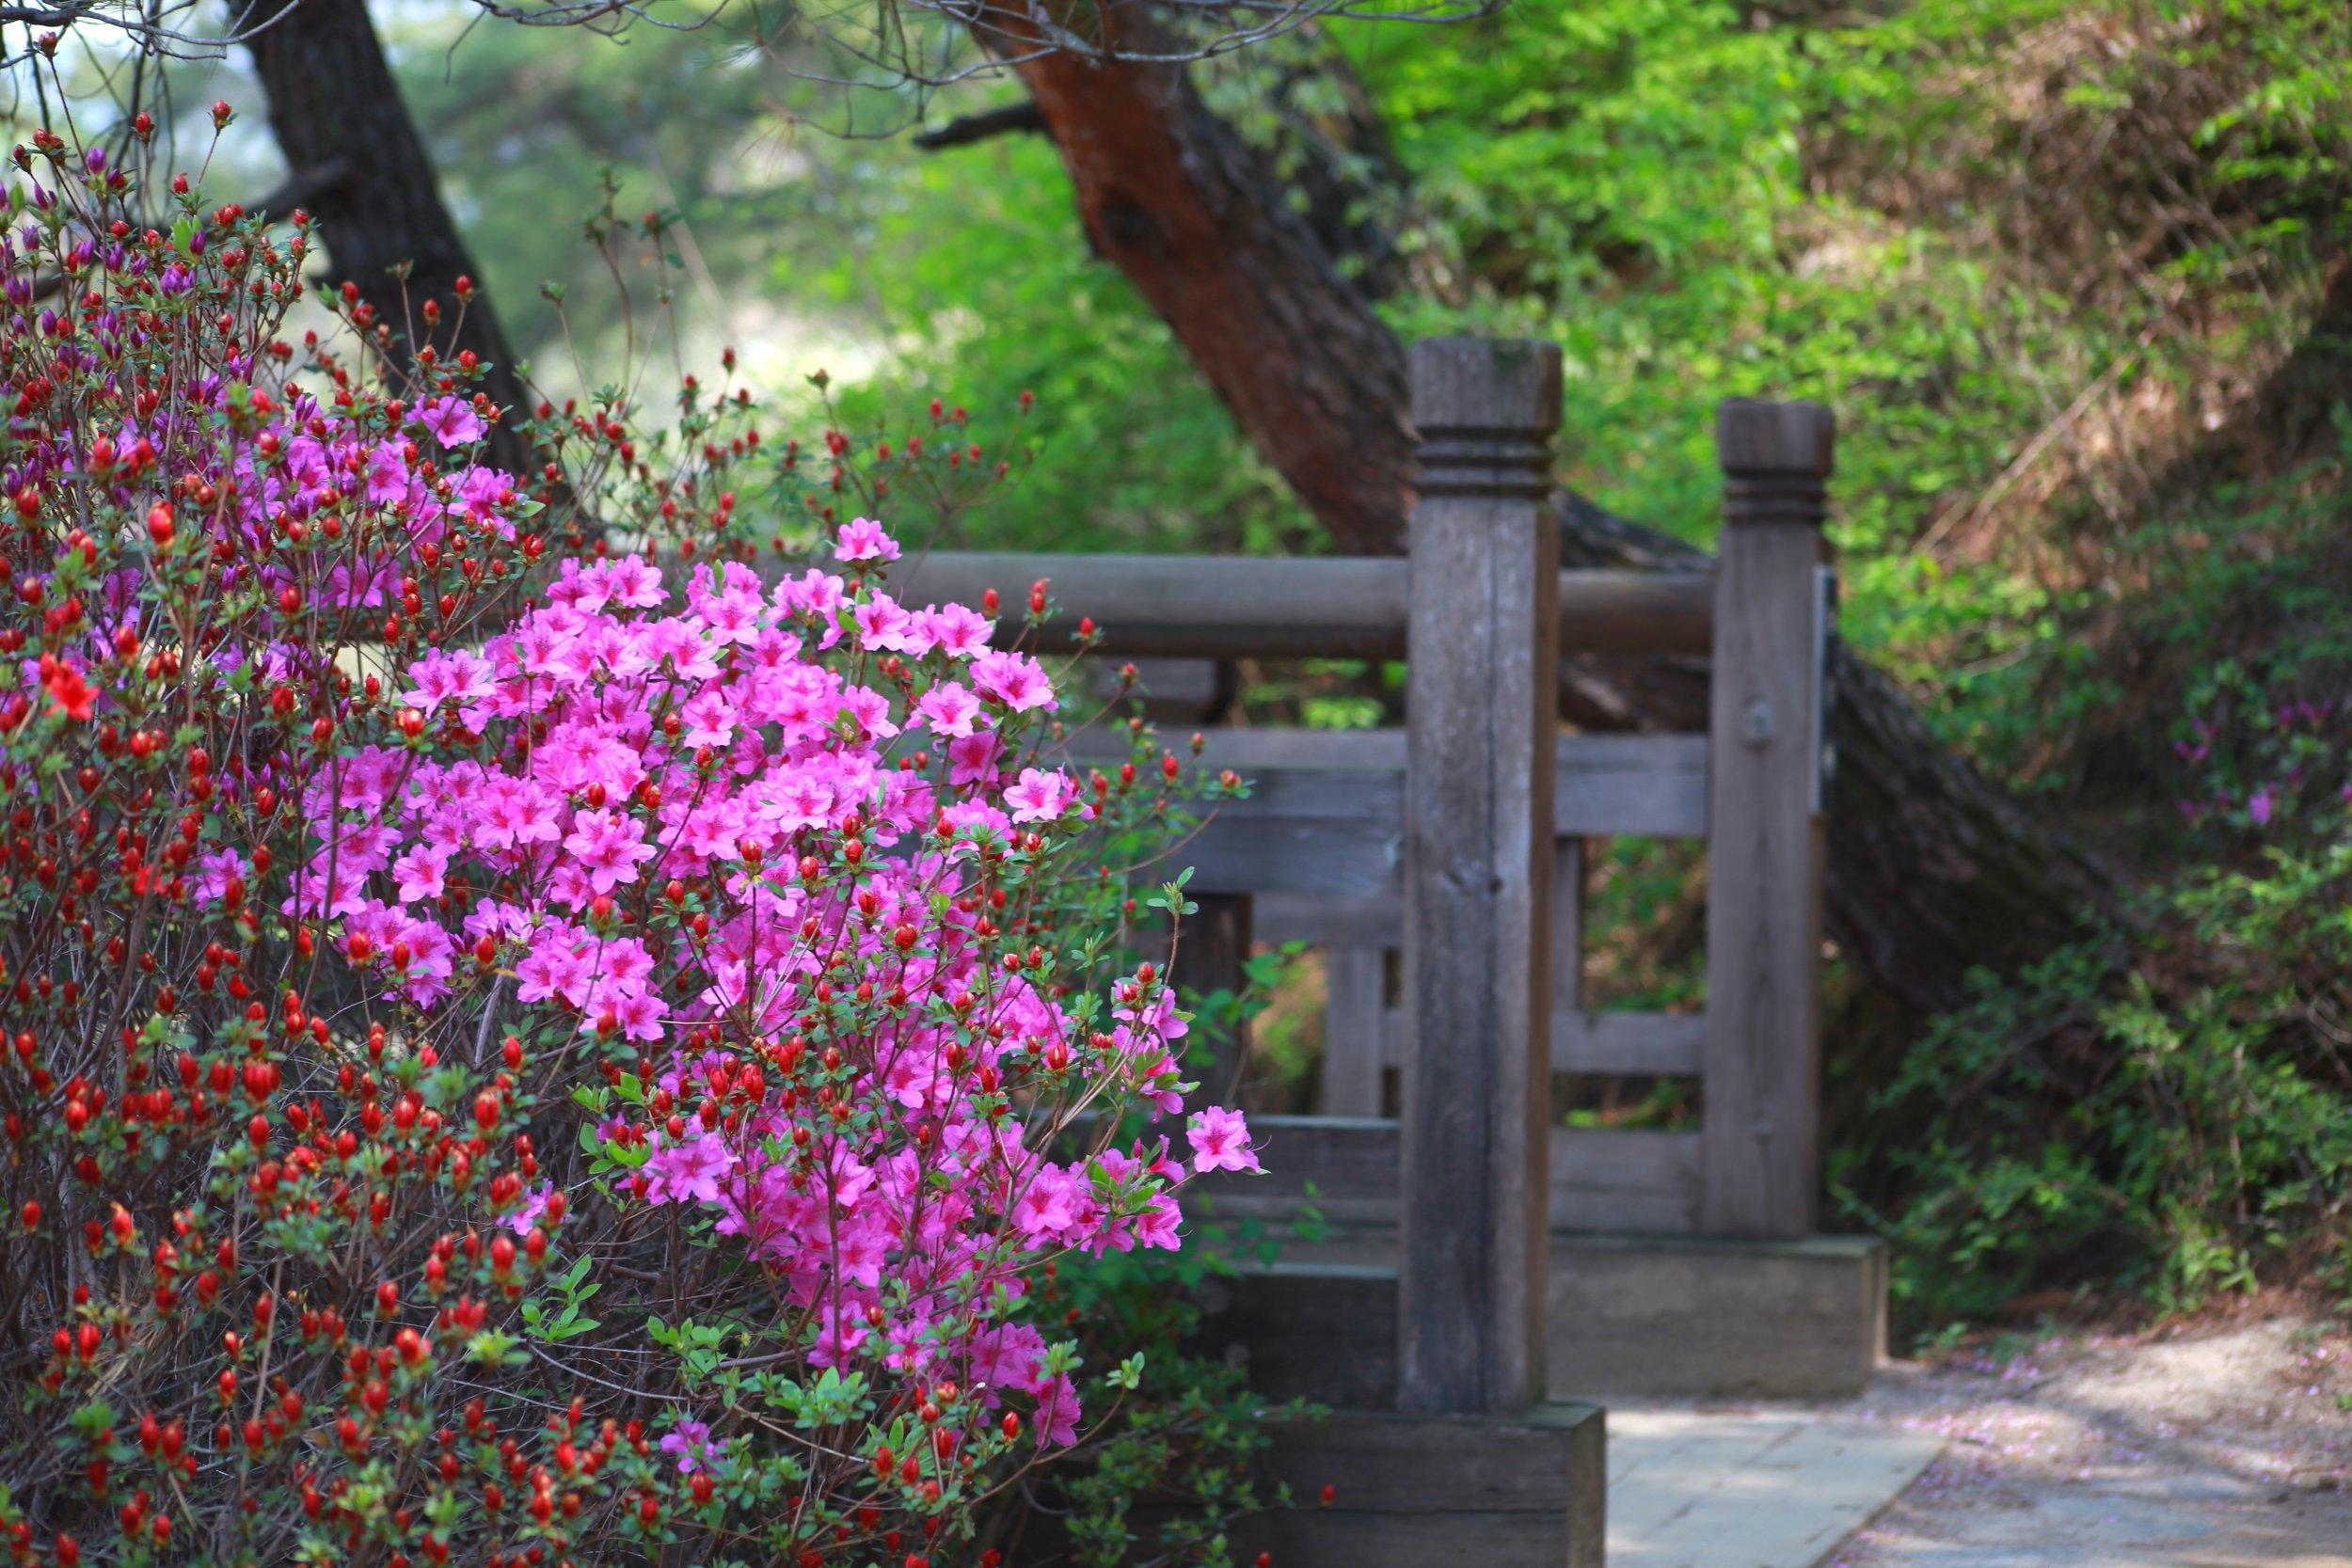 azalea-nature-3291411.jpg